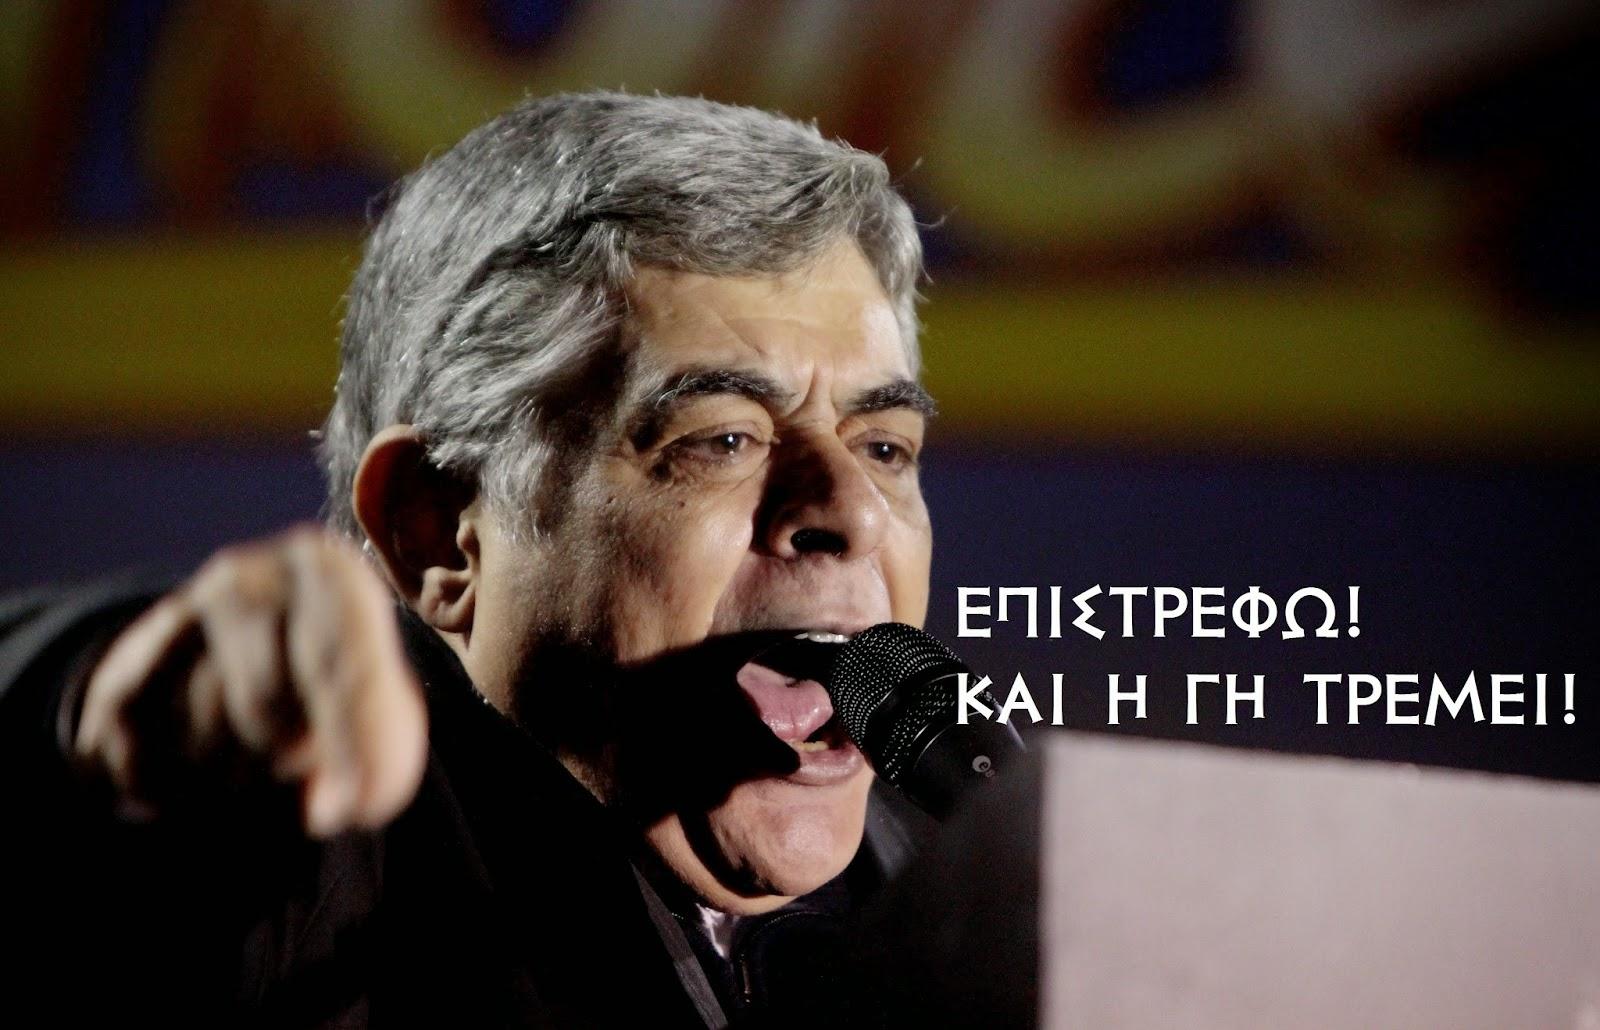 Δήλωση Γενικού Γραμματέα της Χρυσής Αυγής για το εκλογικό αποτέλεσμα